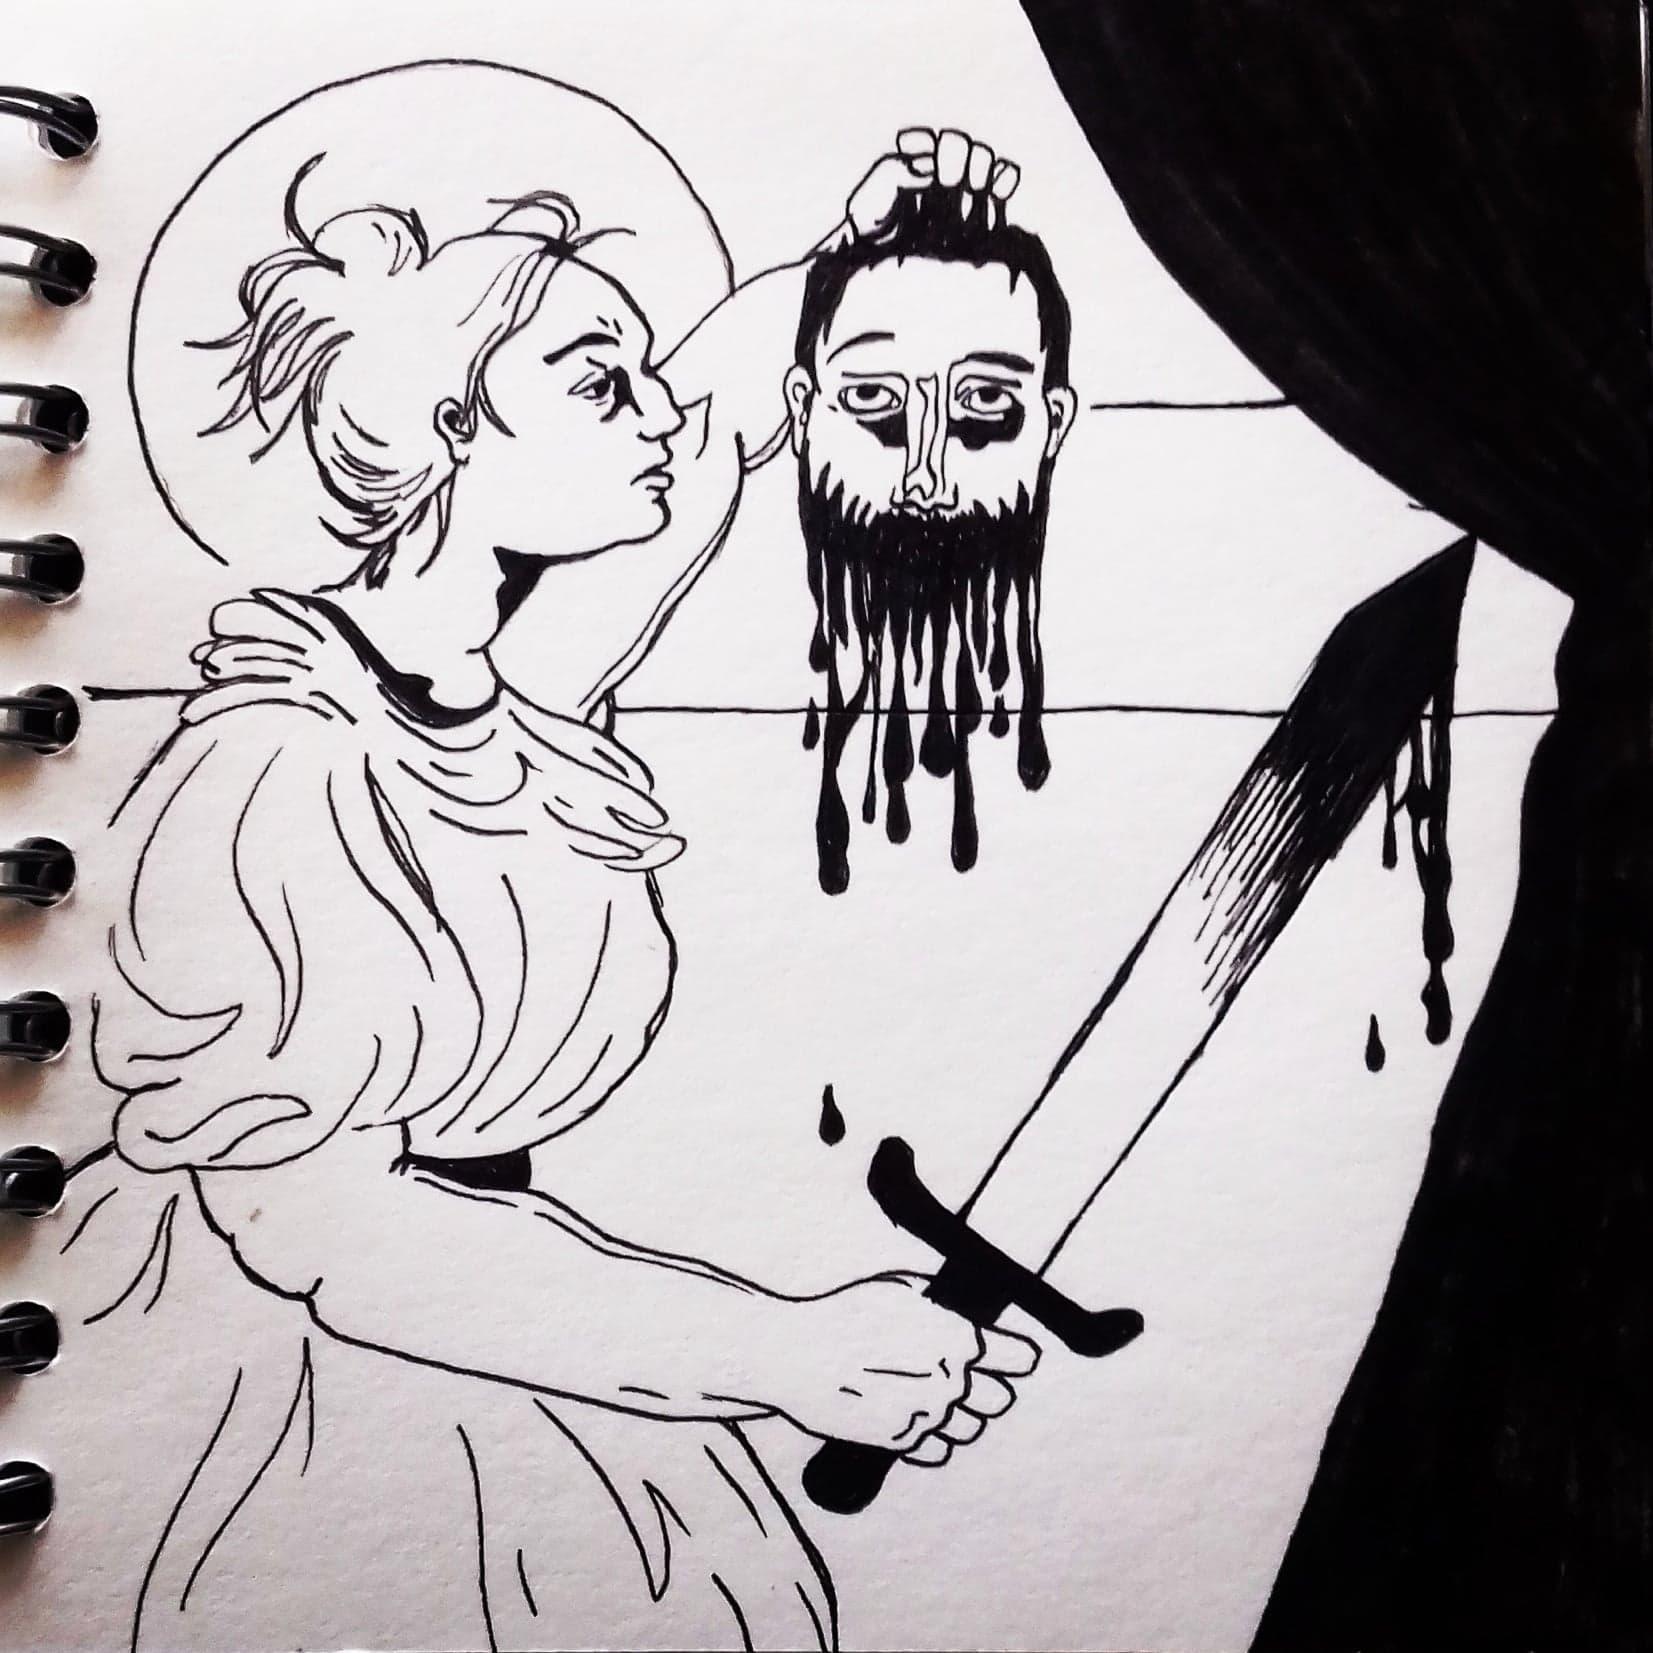 'Judith': Inktober 2018